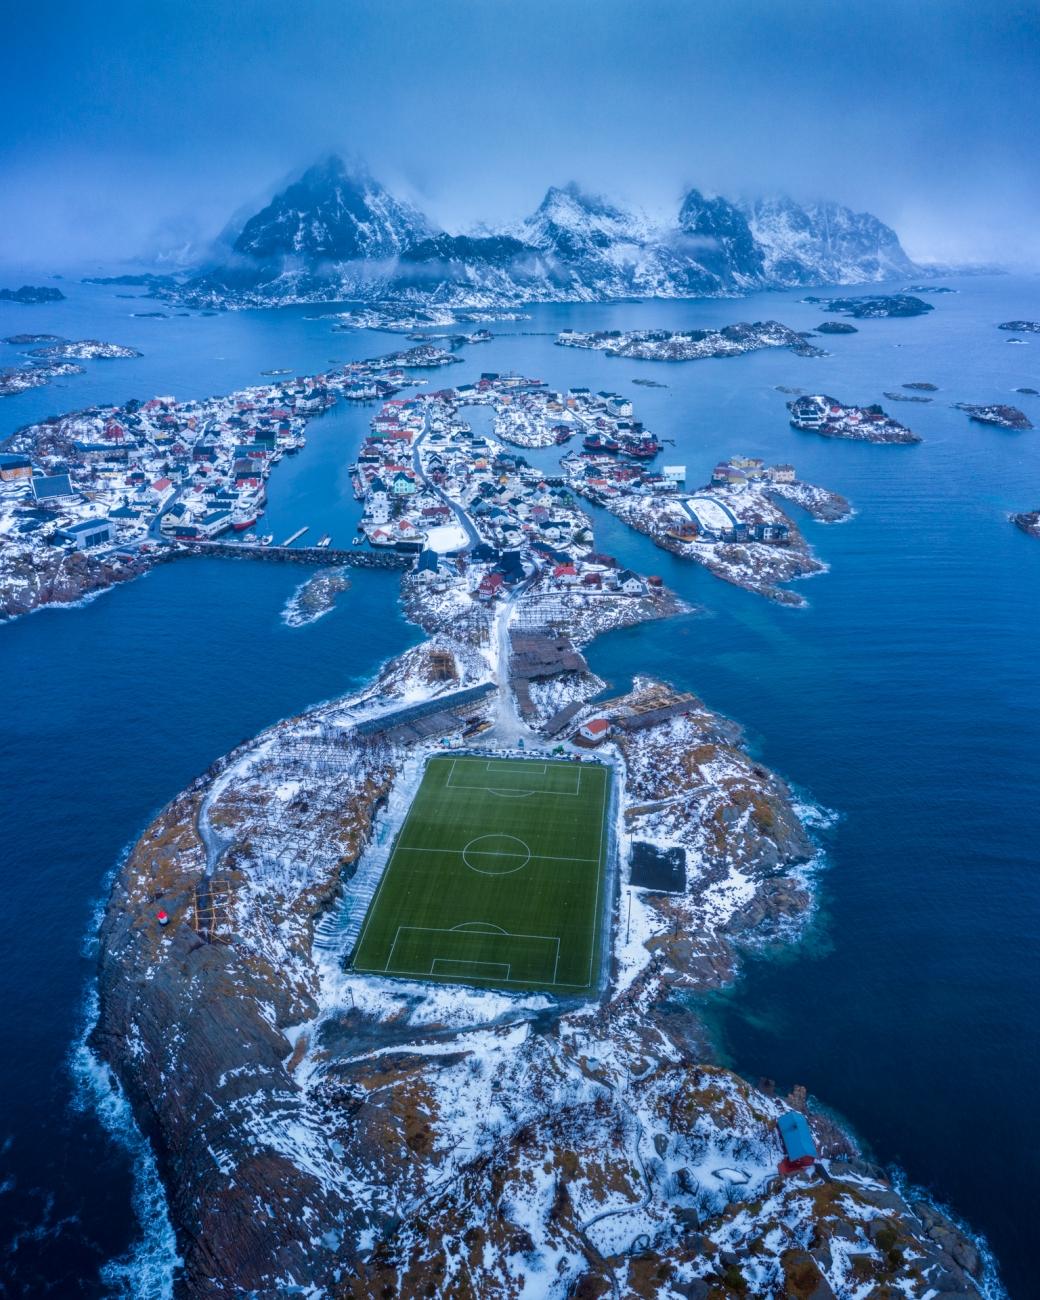 The football field of Henningsvær, Lofoten.